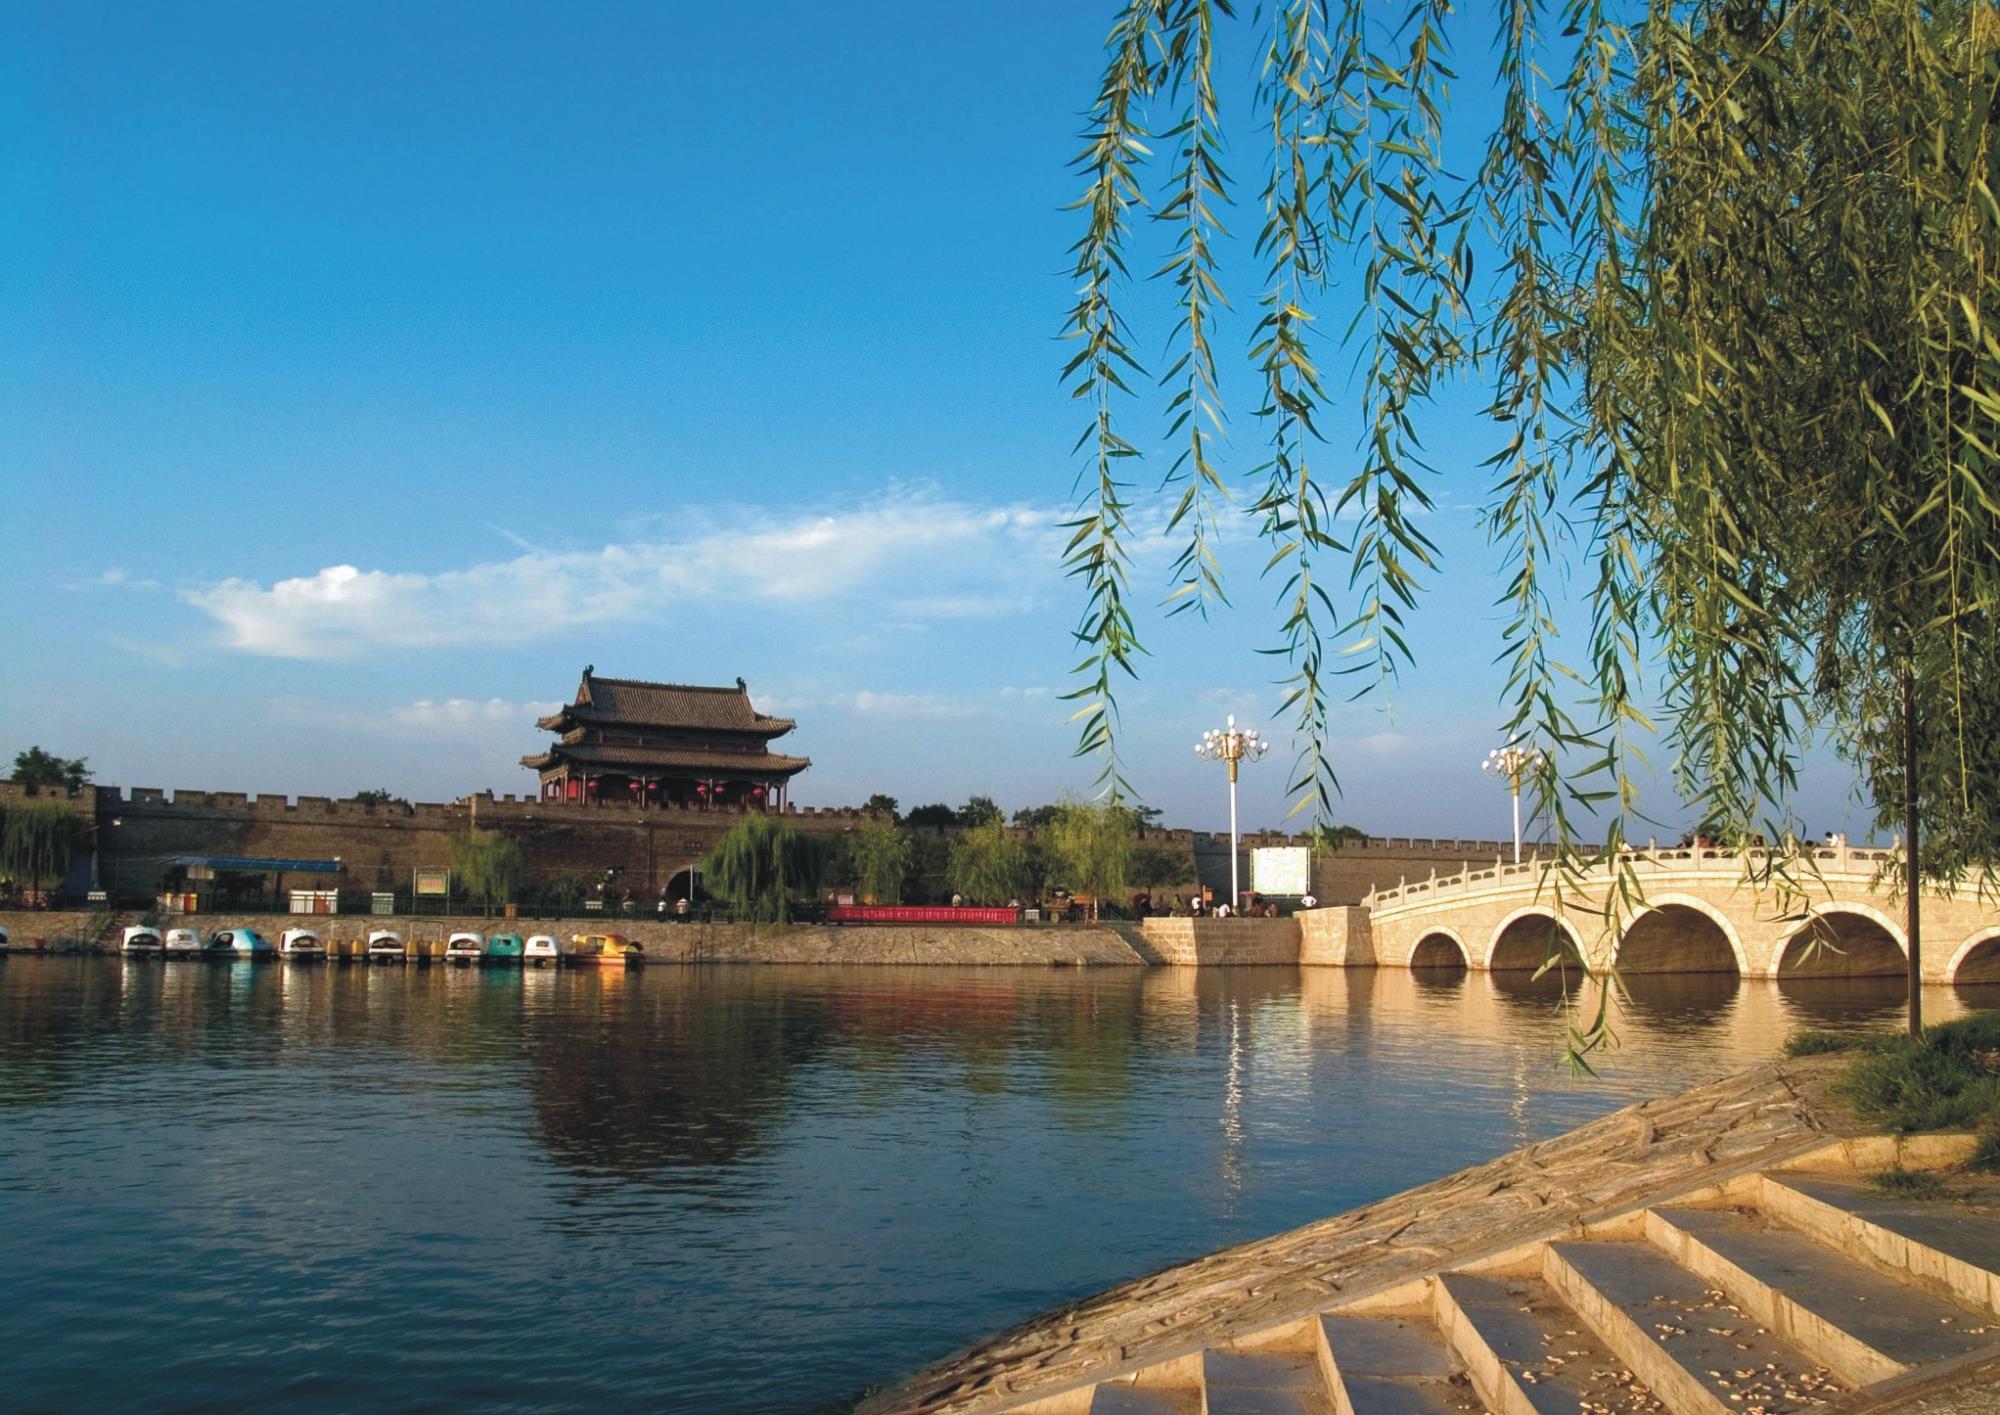 河南这个市设有3个高铁站,百家姓400多个姓有242个源于此